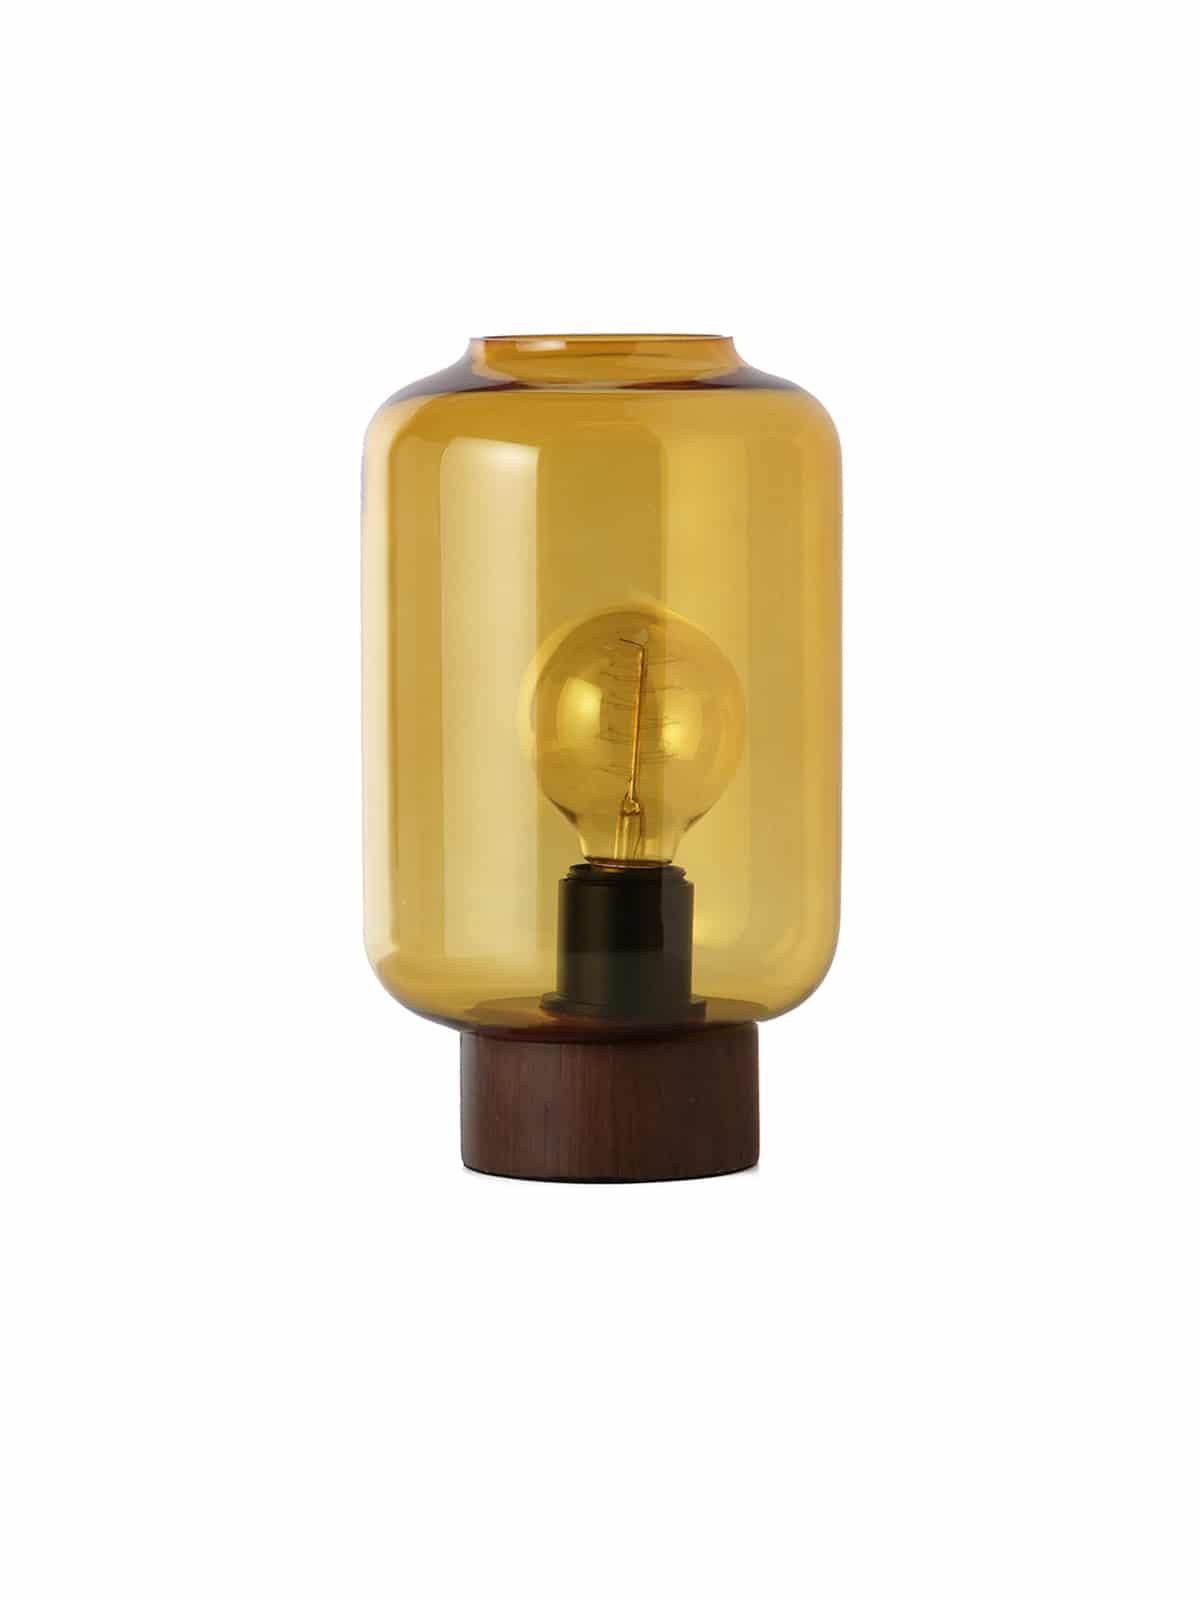 Column Tischleuchte Frandsen Angebot DesignOrt Onlineshop Lampen Berlin